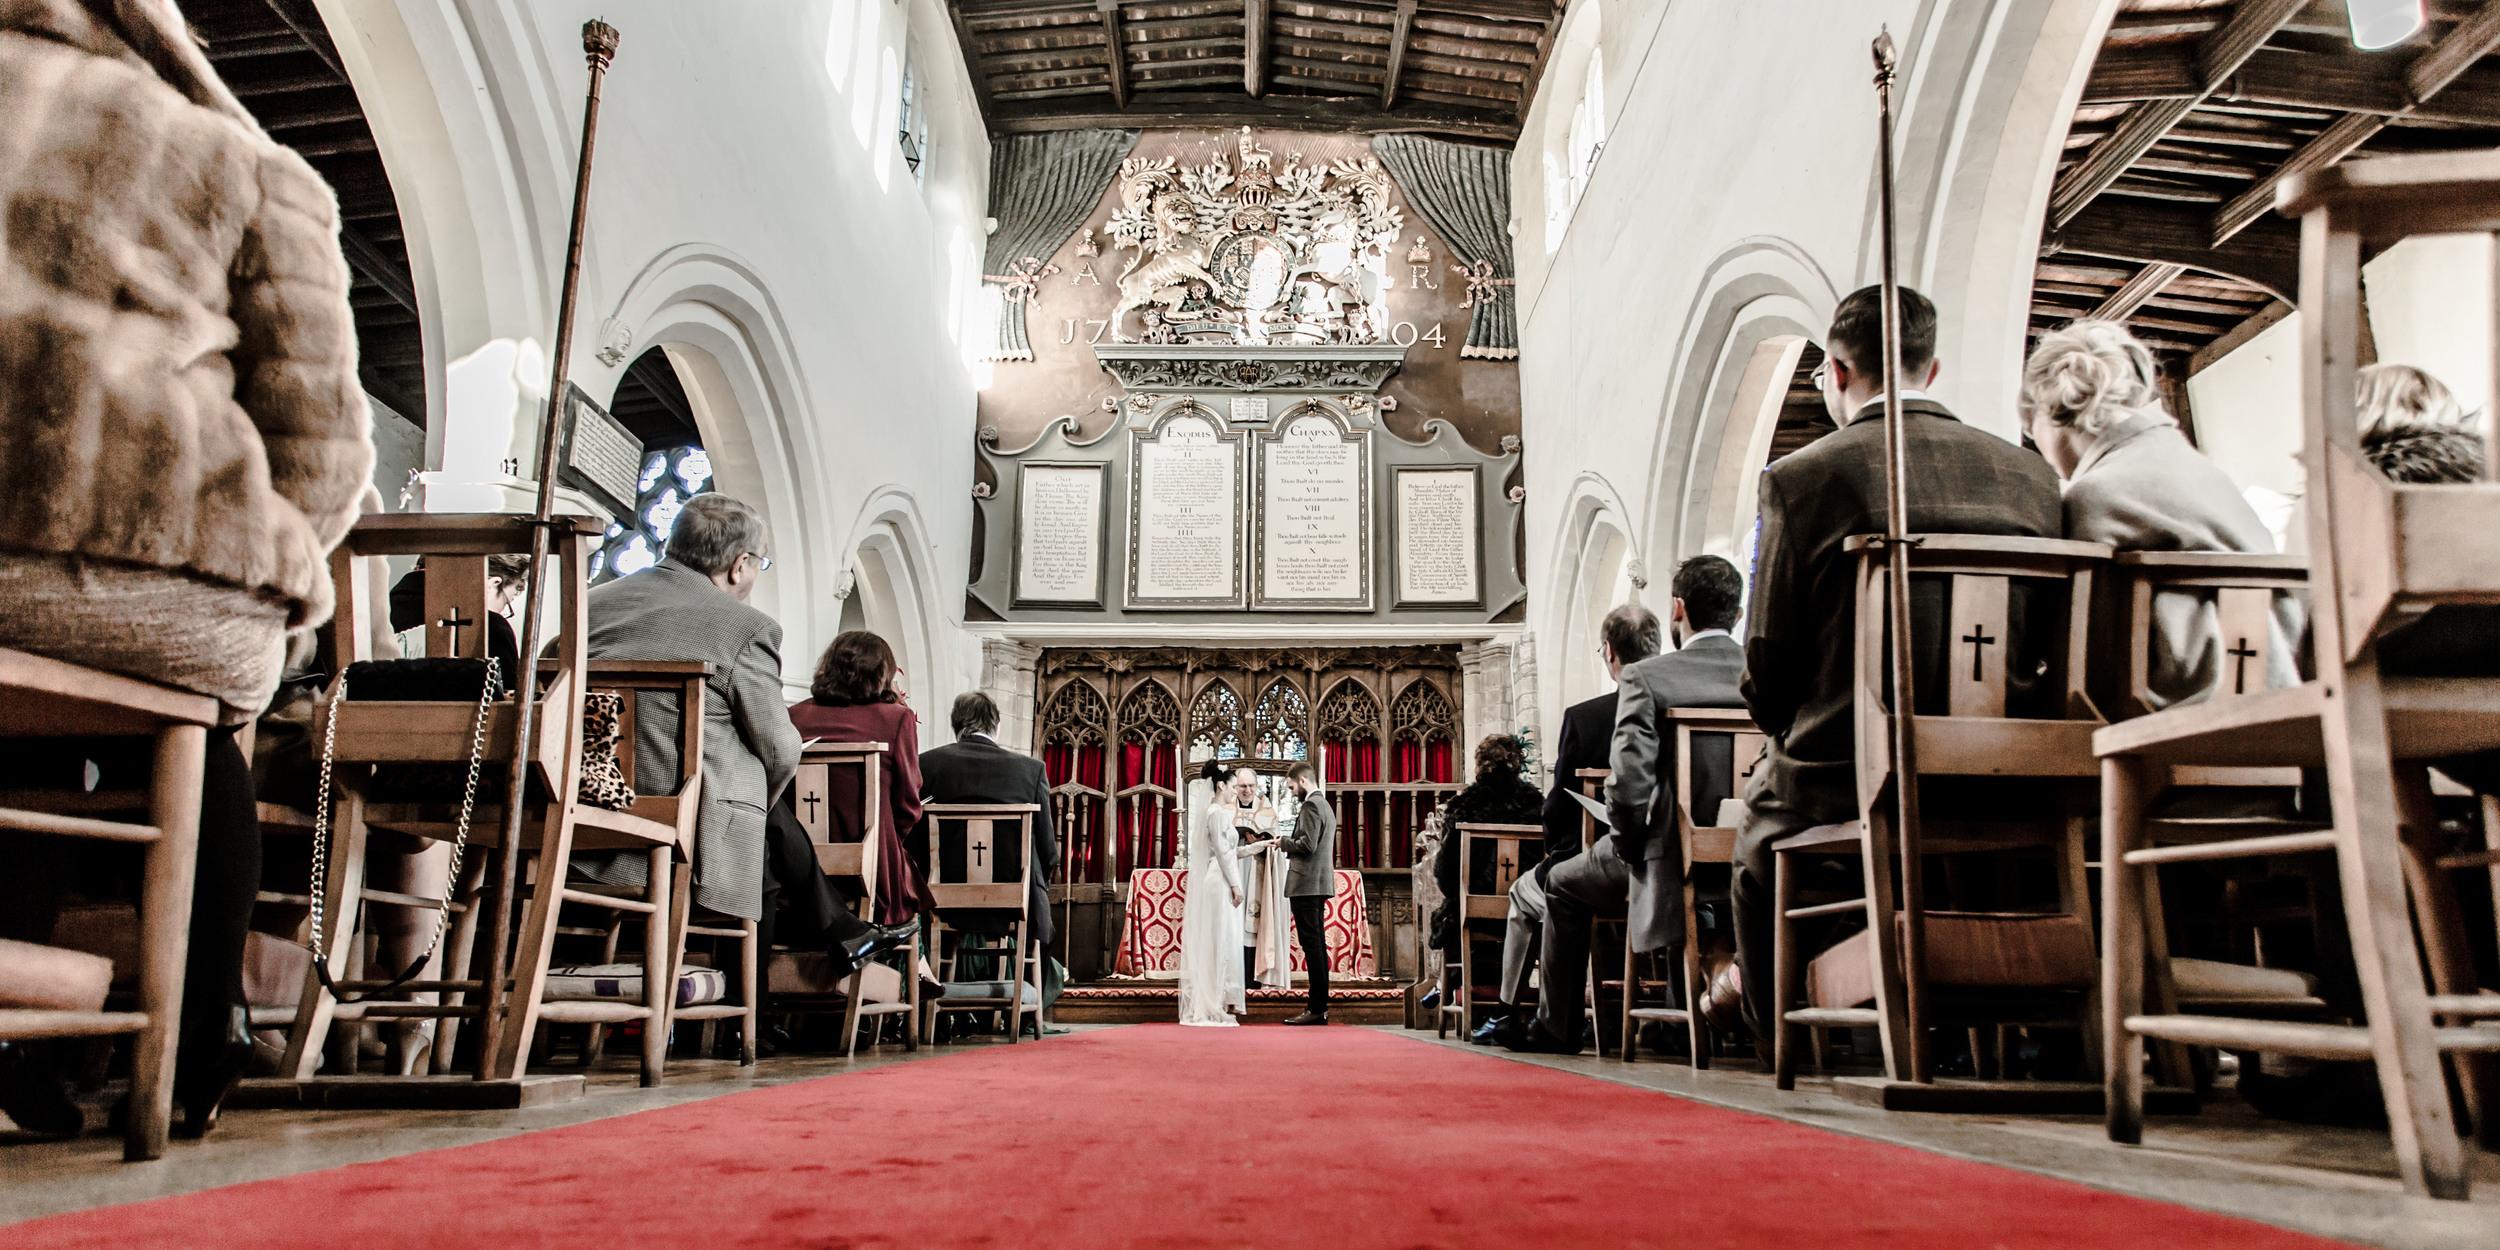 090 - Angela and Karls Wedding by www.markpugh.com -6700.jpg